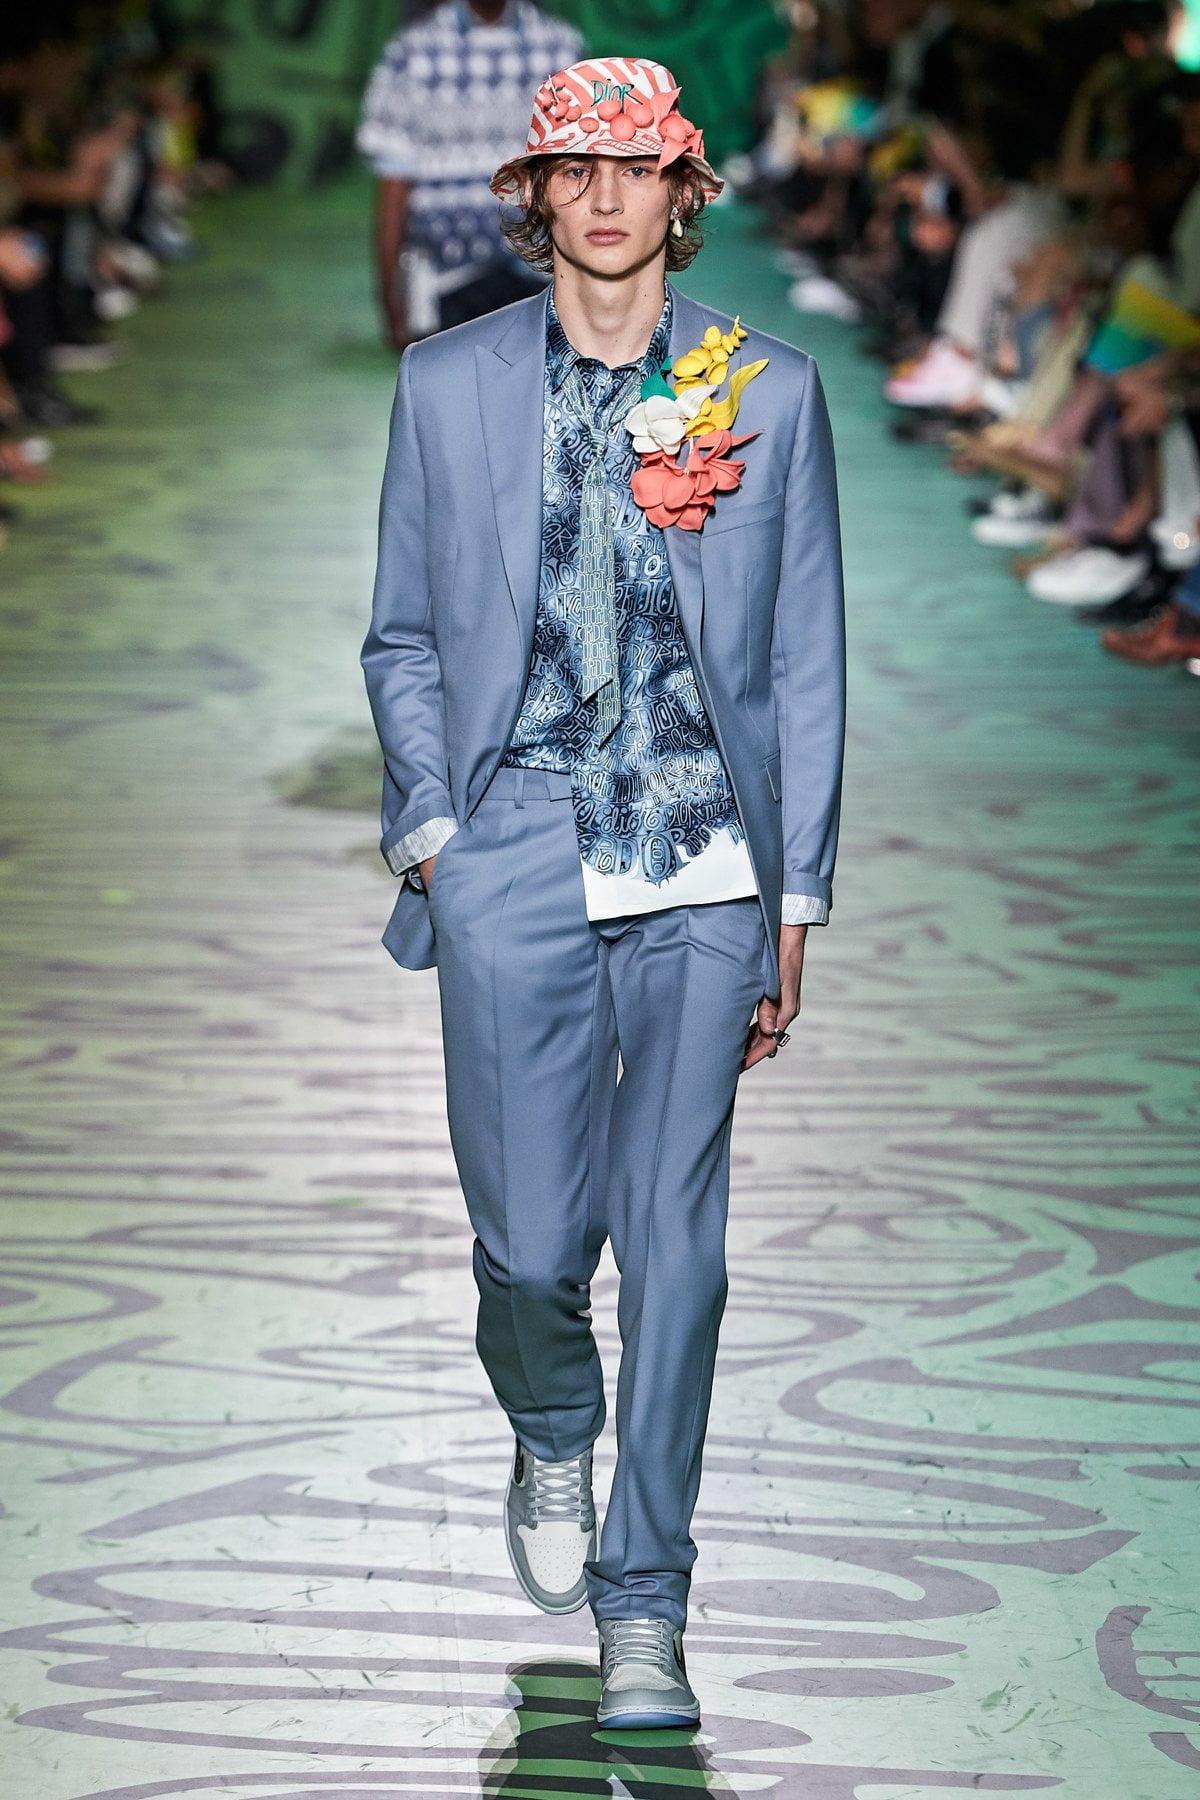 Dior muốn đánh gục cả thế giới với dòng thời trang nam đầy nhục cảm 8